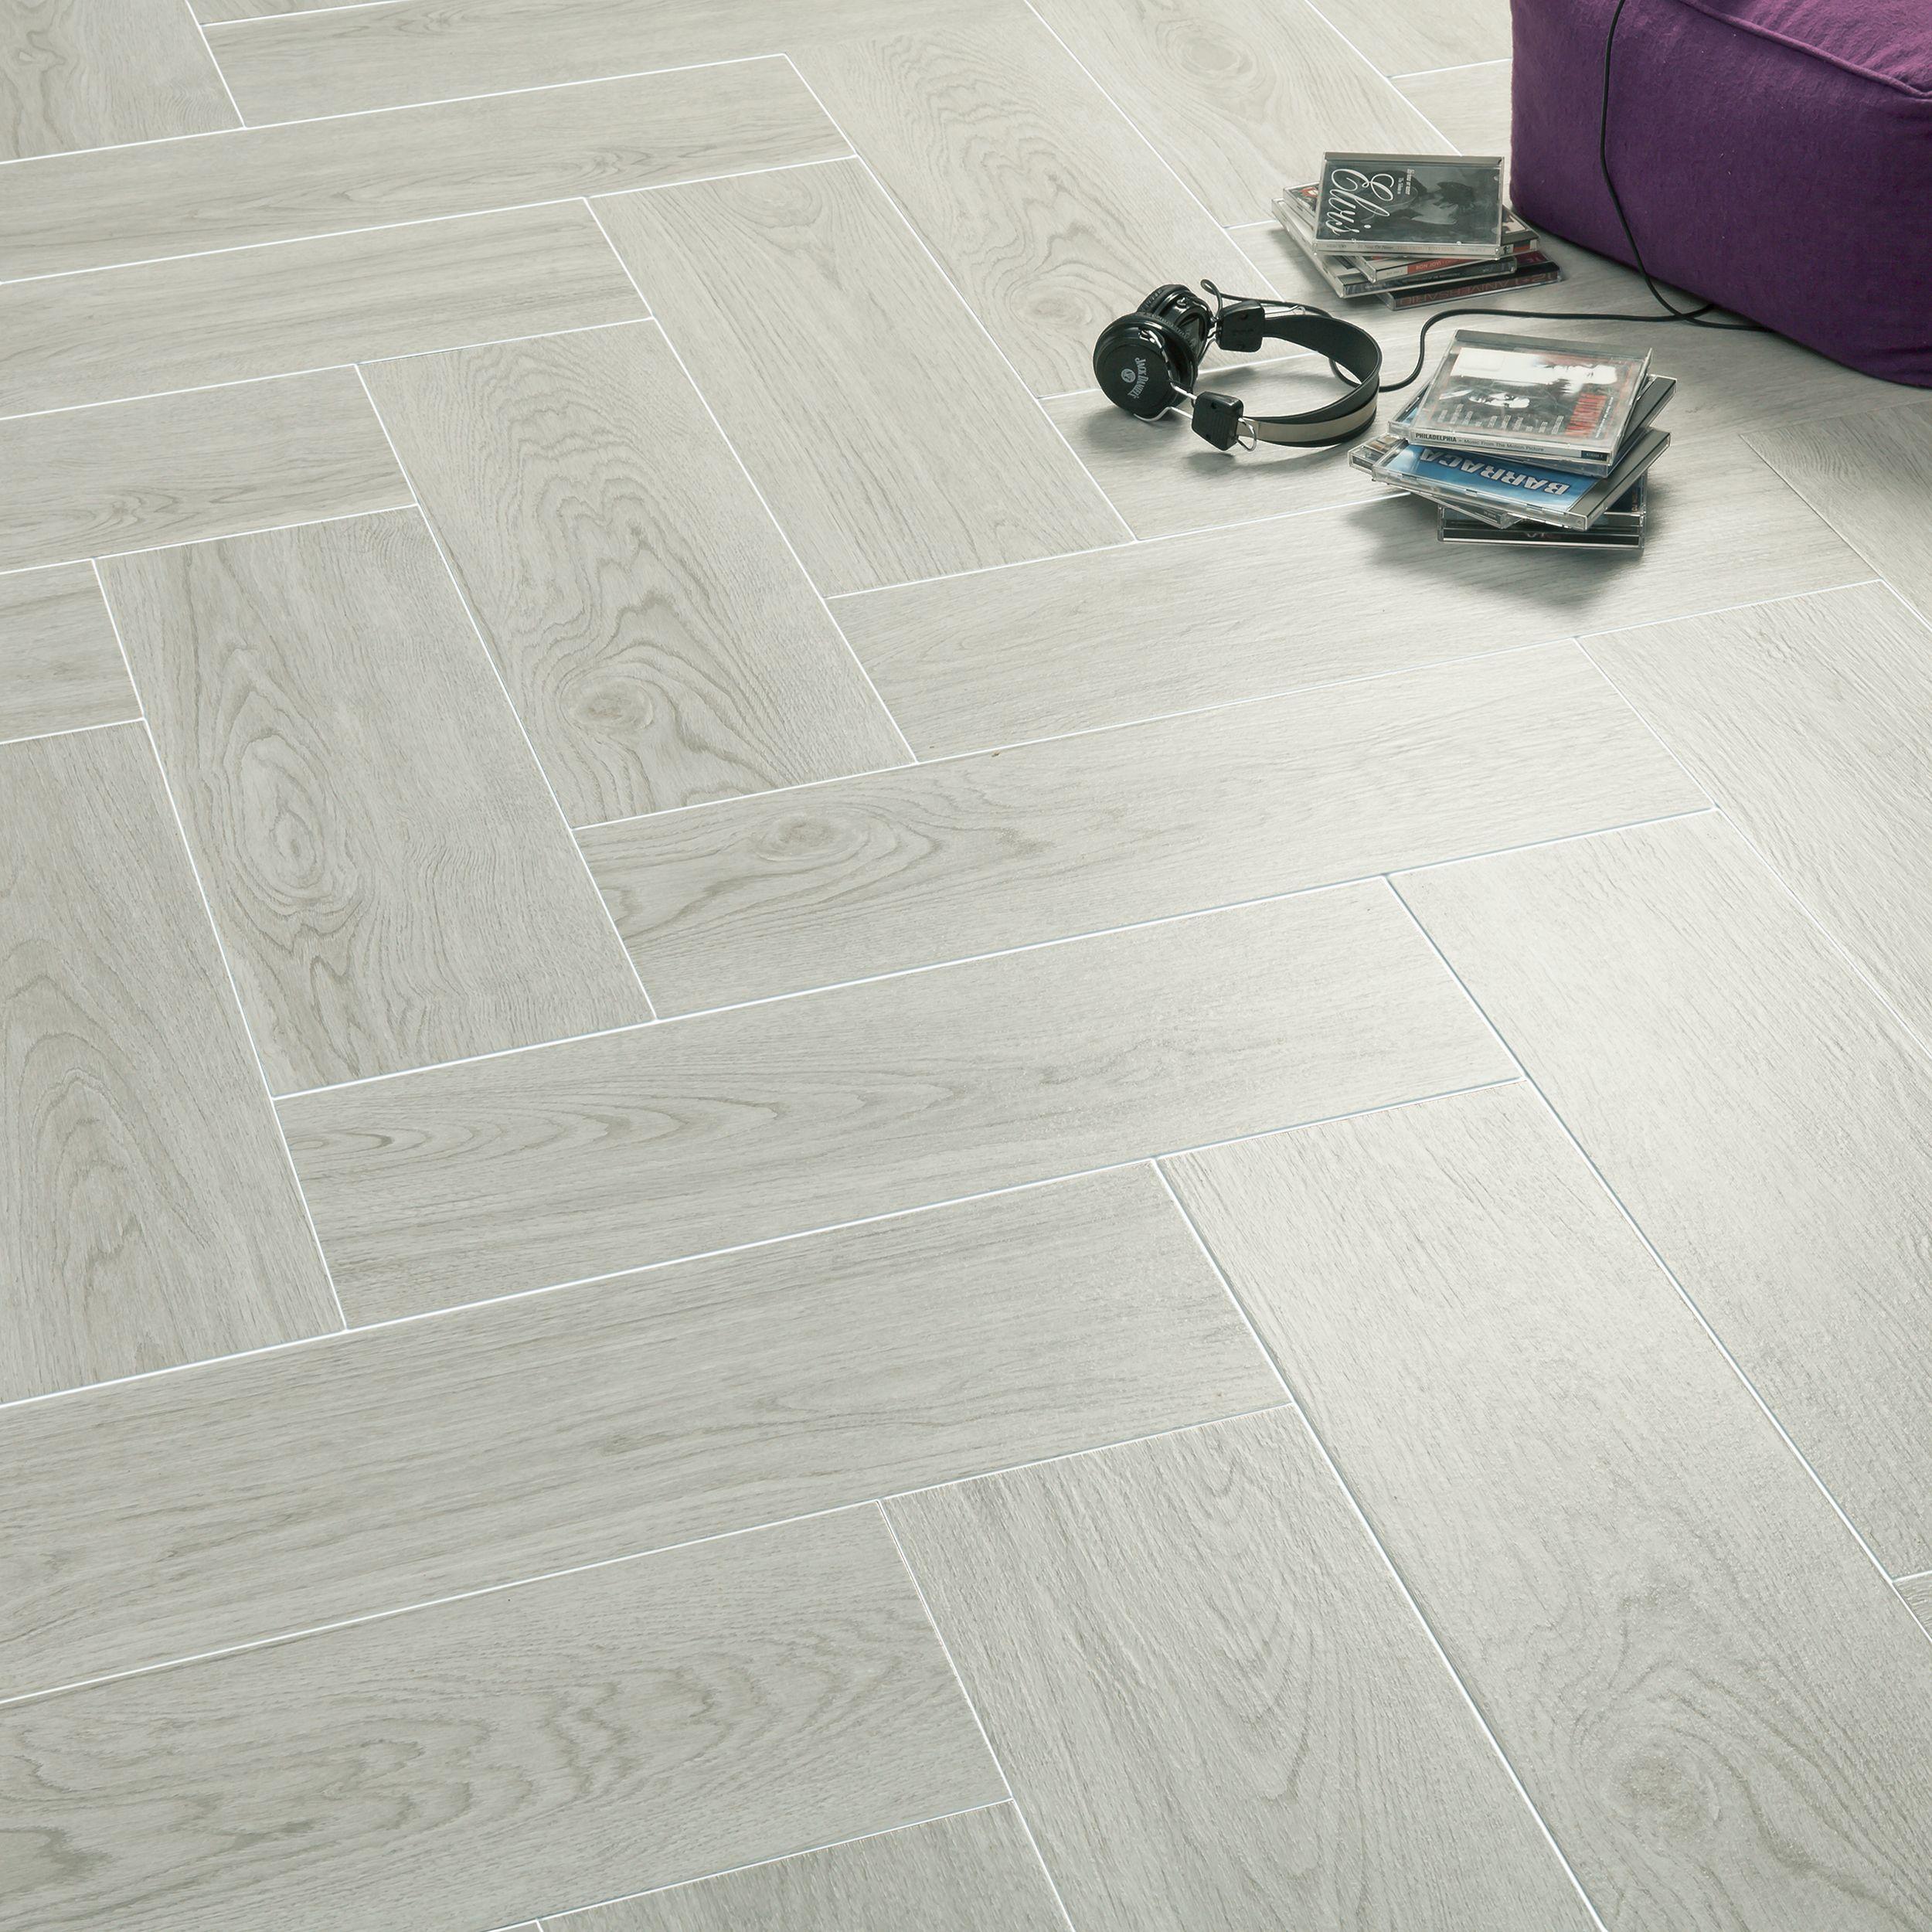 Somertile 7875x23625 inch finca perla ceramic floor and wall somertile 7875x23625 inch finca perla ceramic floor and wall tile case of 9 doublecrazyfo Choice Image